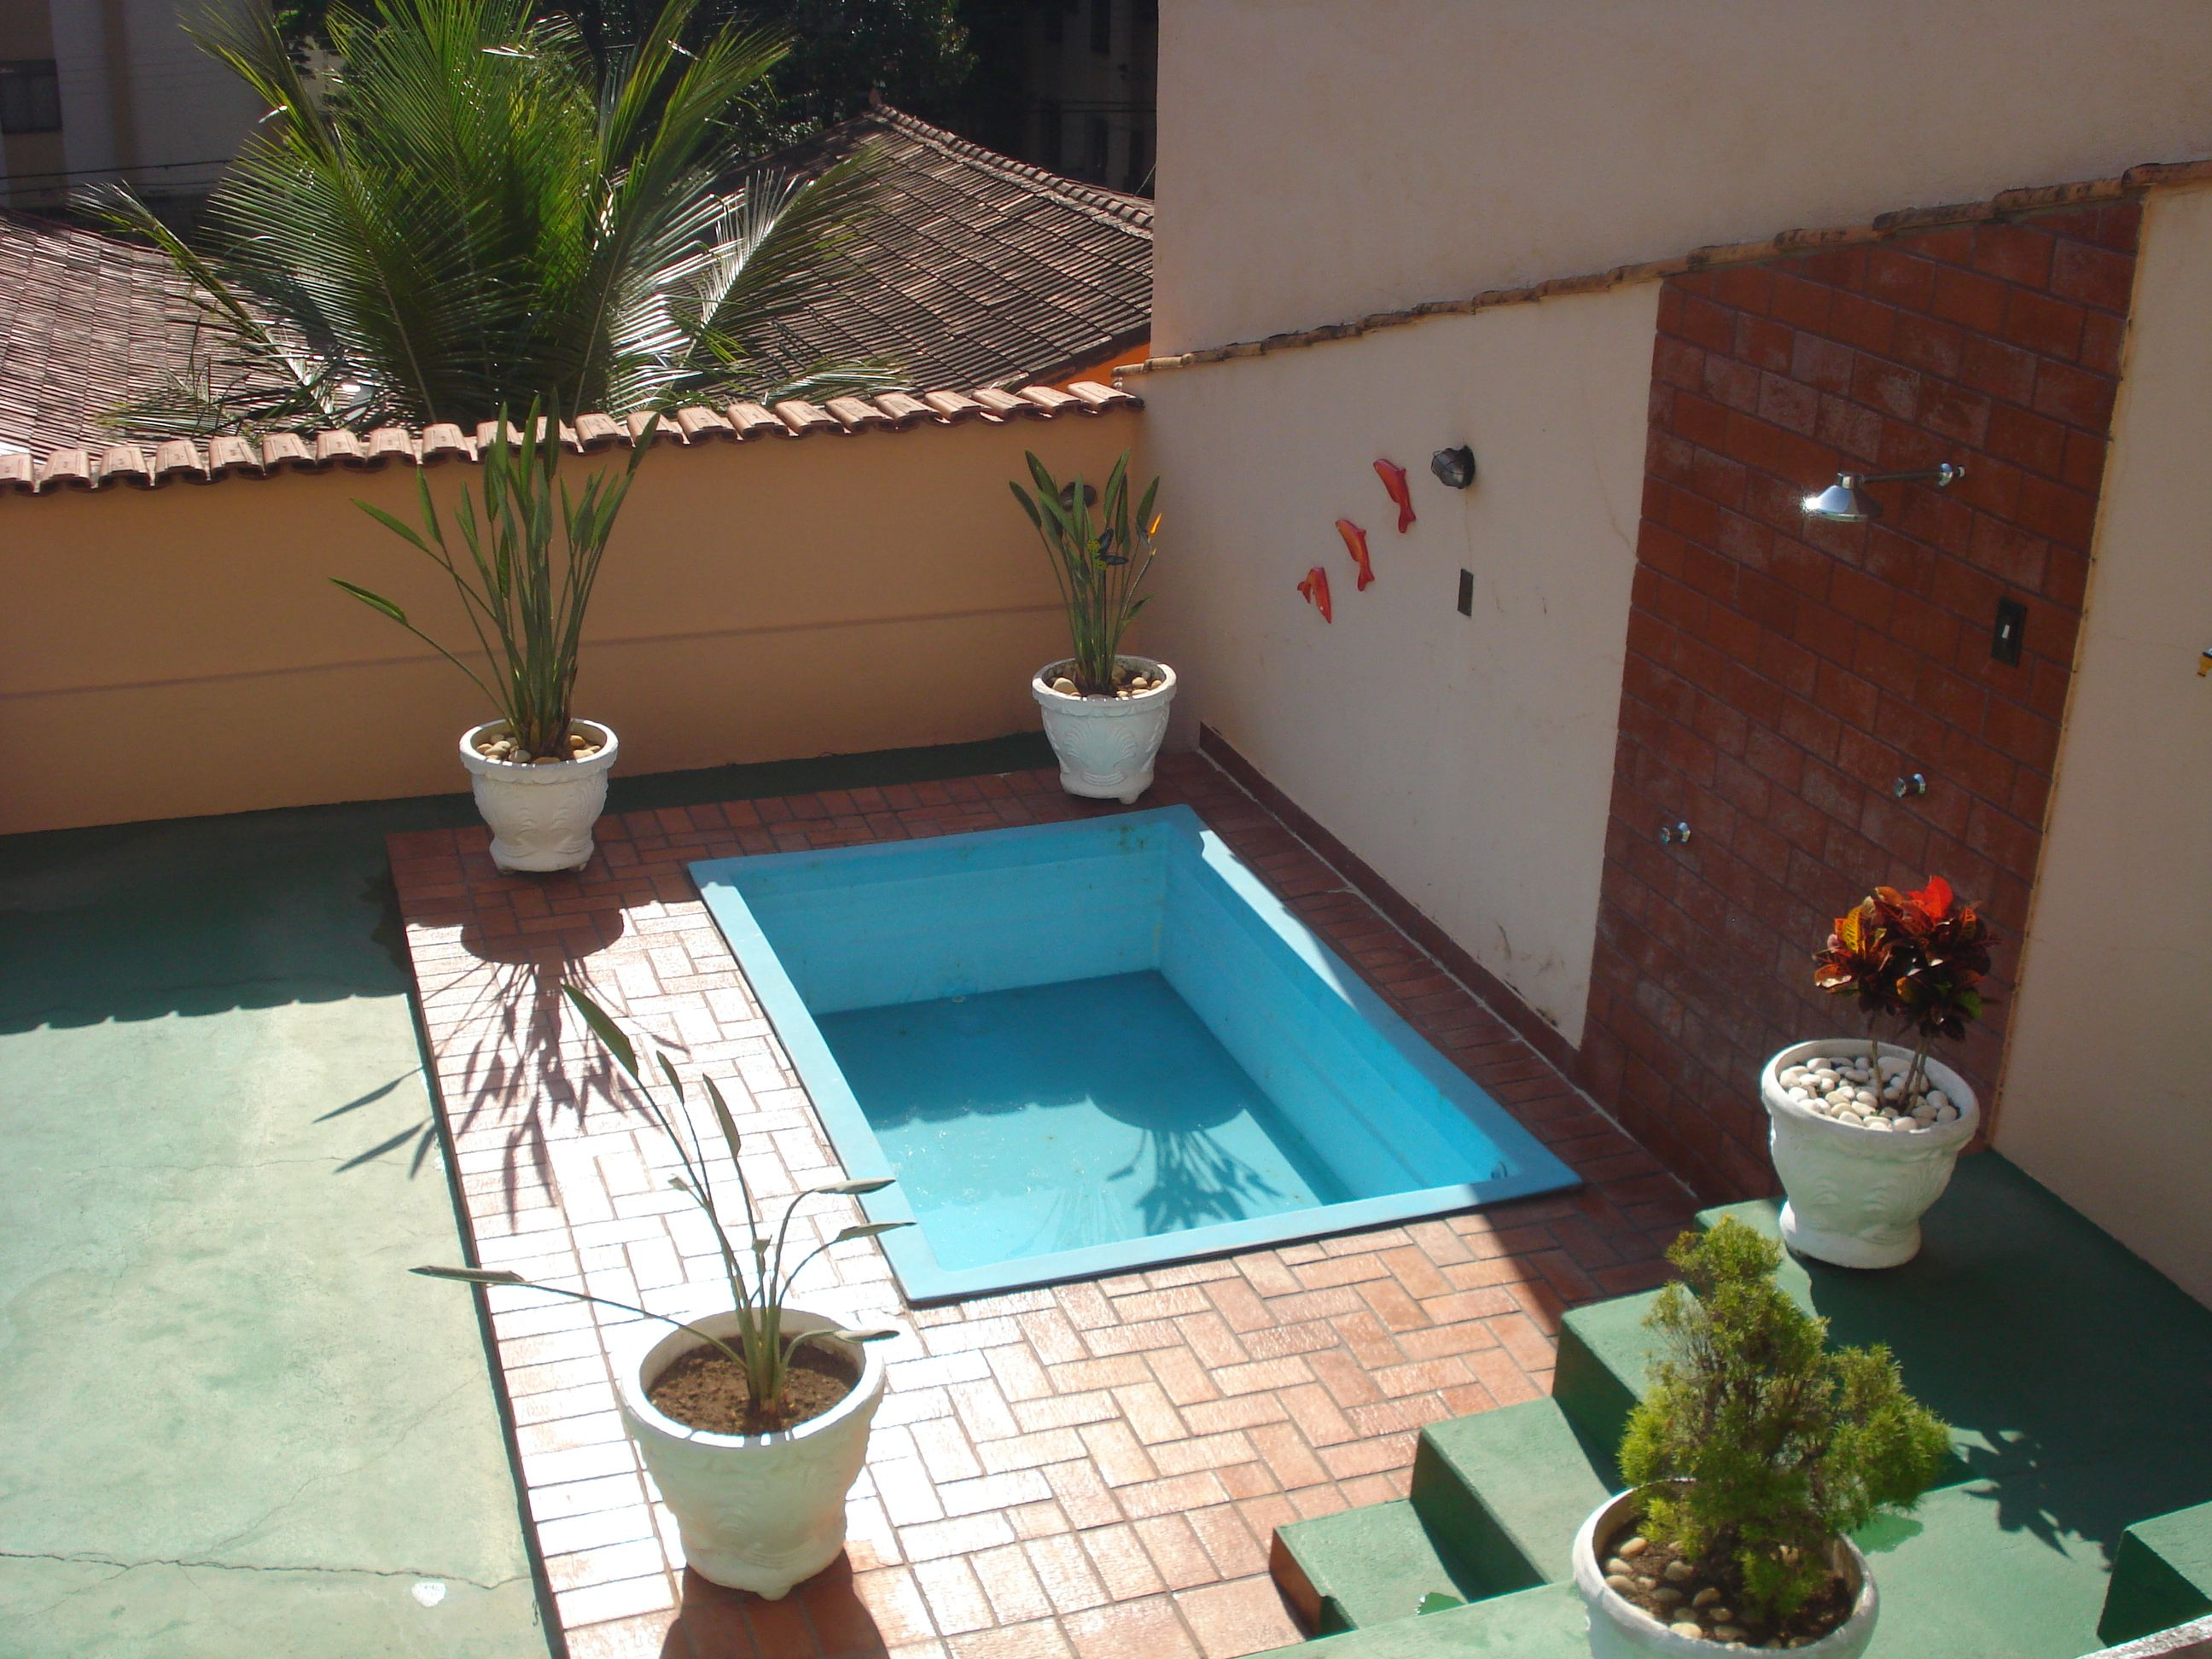 Casa com piscina pequena pesquisa google piscine et - Jardines de casas pequenas ...